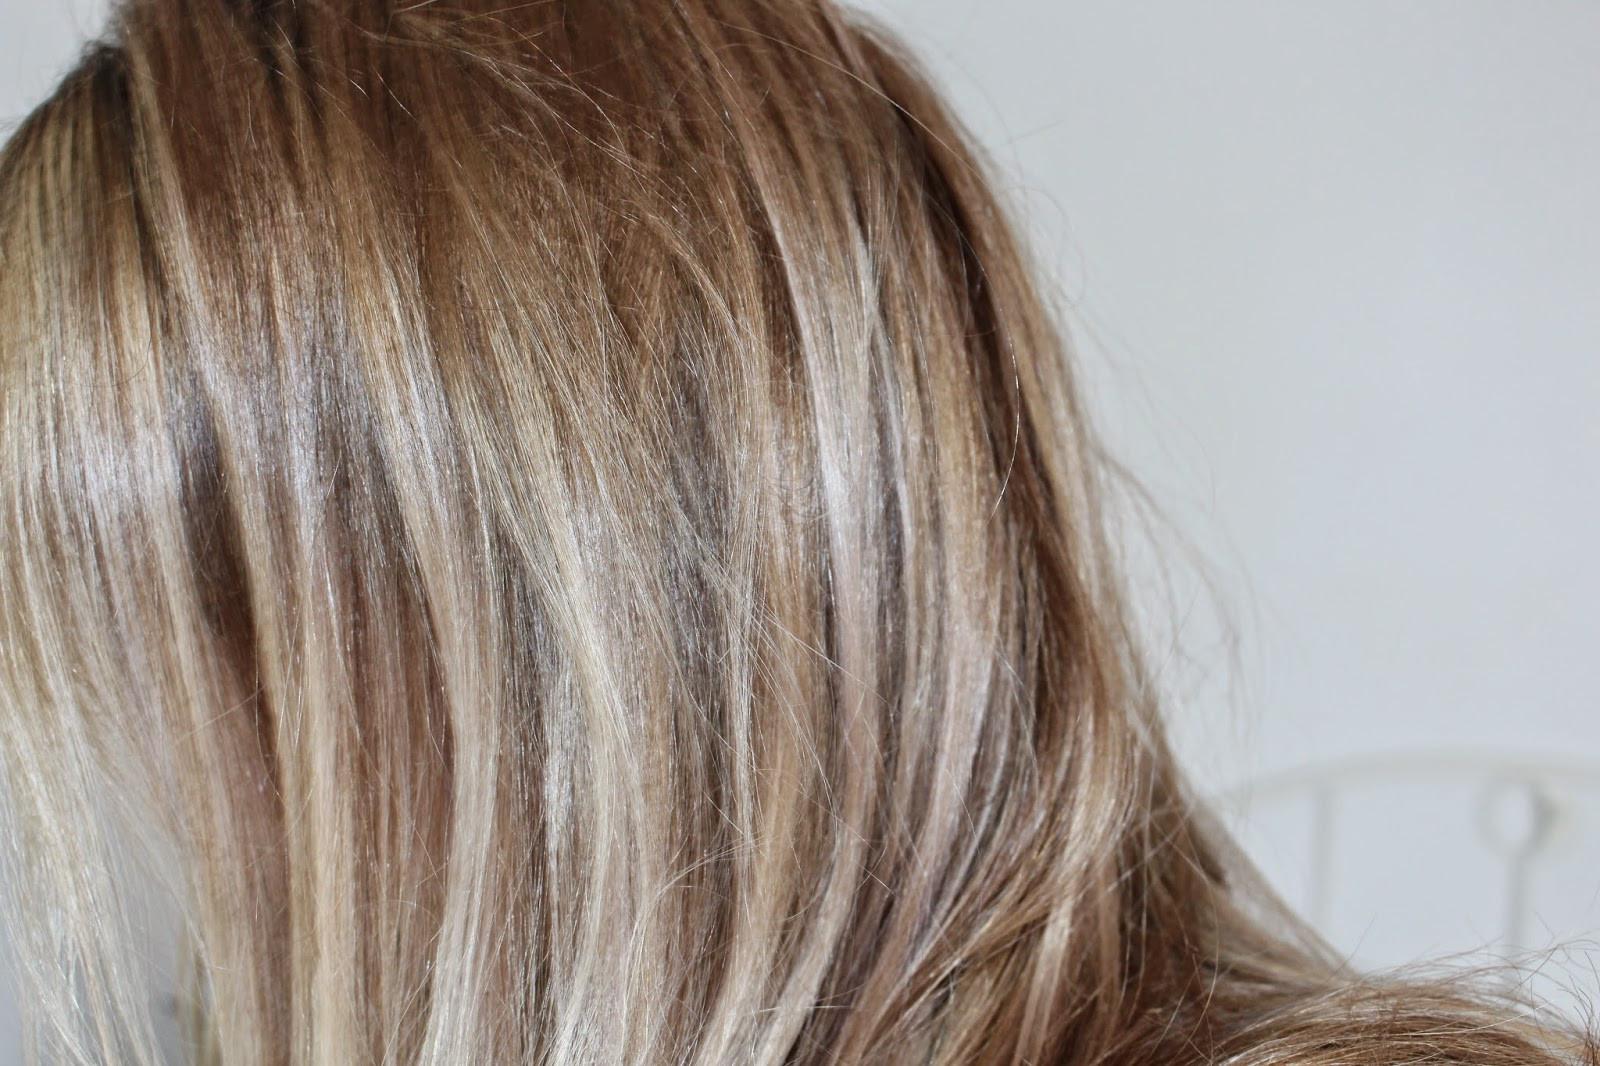 DIY Toner Hair  My Beauty Box DIY Hair Toner for Blonde Hair